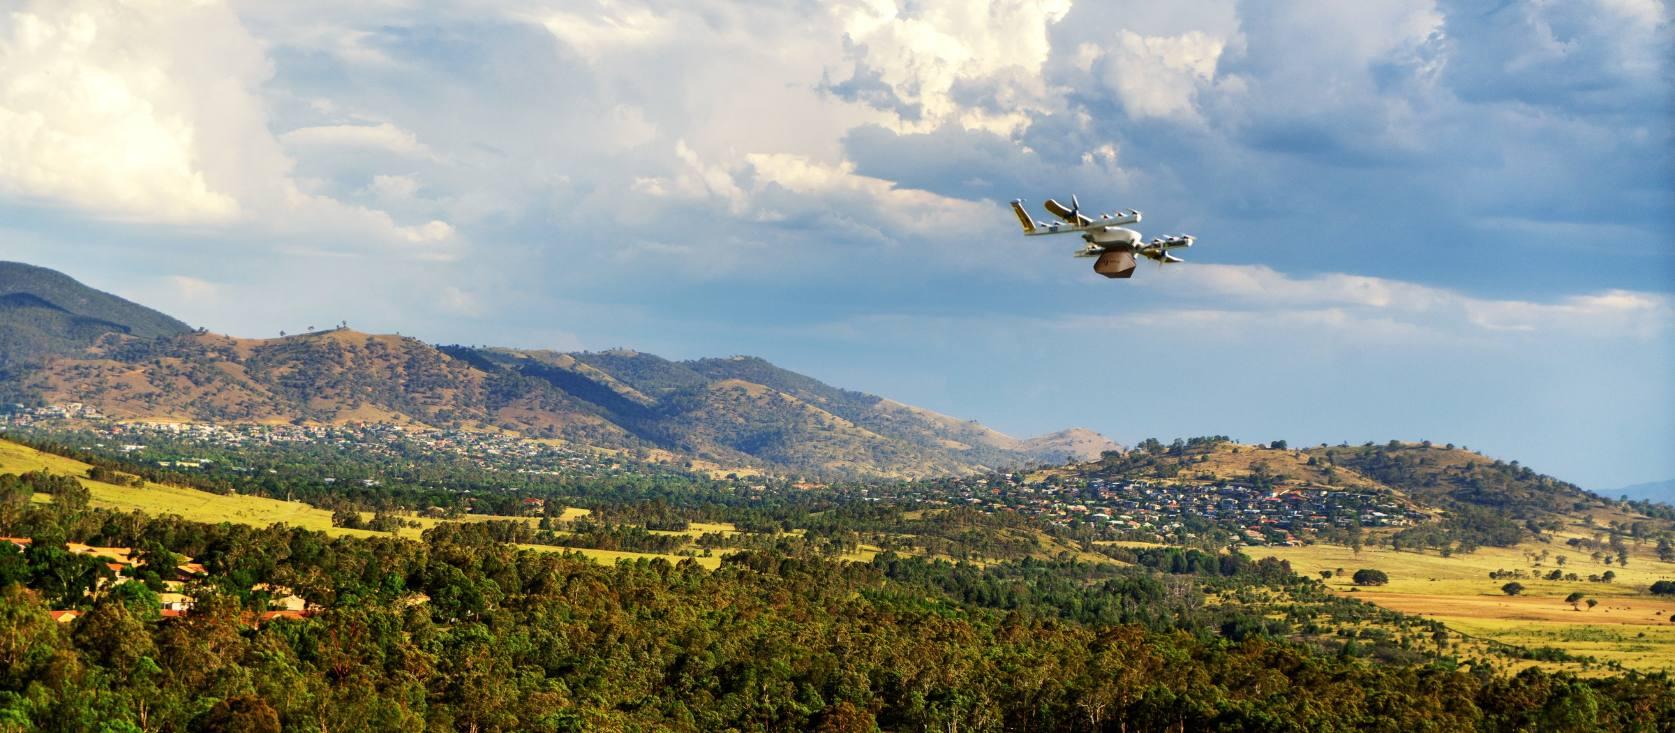 Livraison par drones : le projet Wing devient réalité